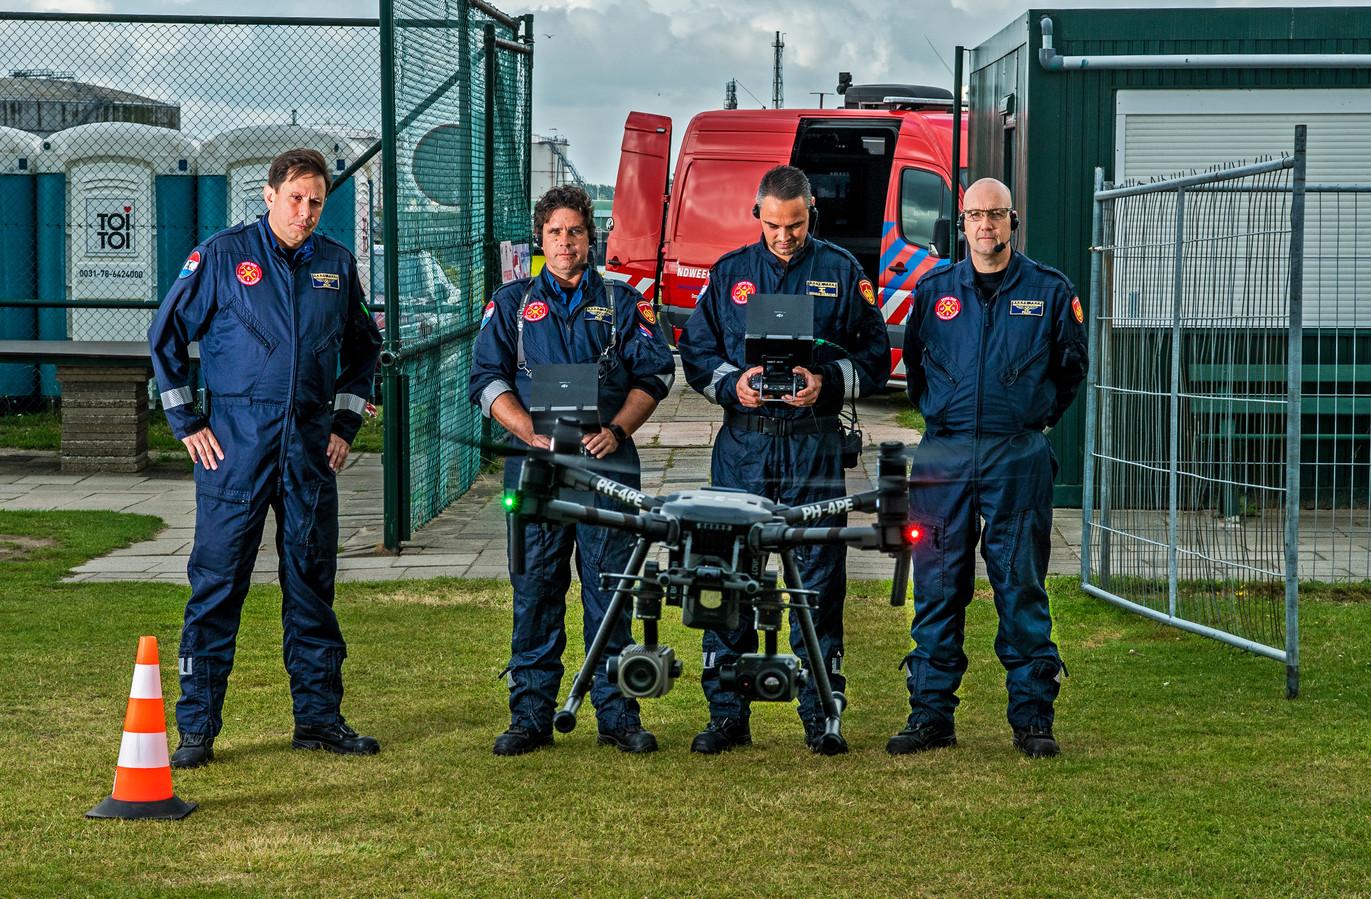 Het Droneteam Rotterdam Rijnmond van de Gezamenlijke Brandweer oefent in Rozenburg. Het team wordt steeds vaker ingezet bij incidenten.